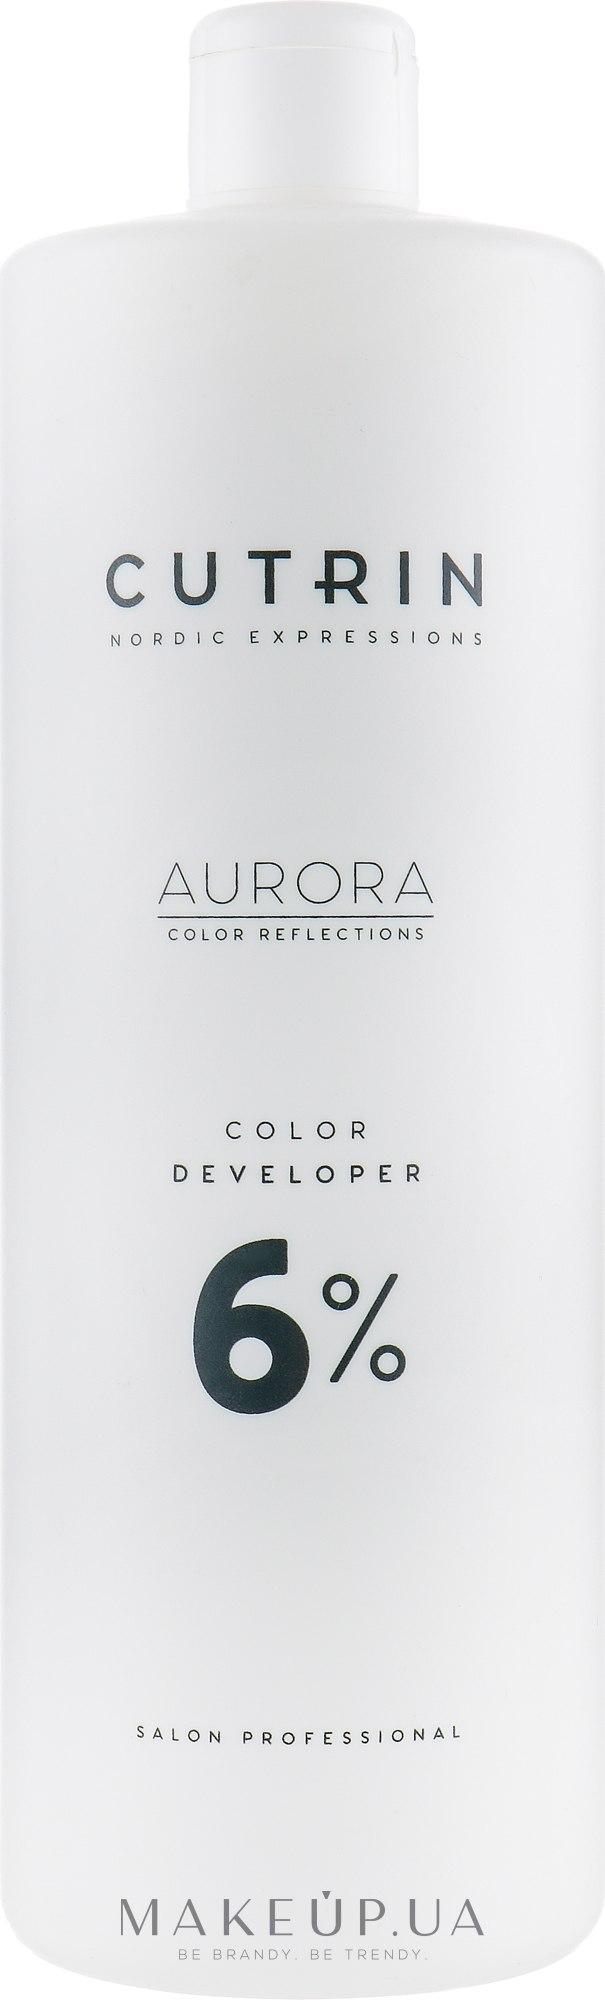 Окислитель 6% - Cutrin Aurora Color Developer — фото 1000ml